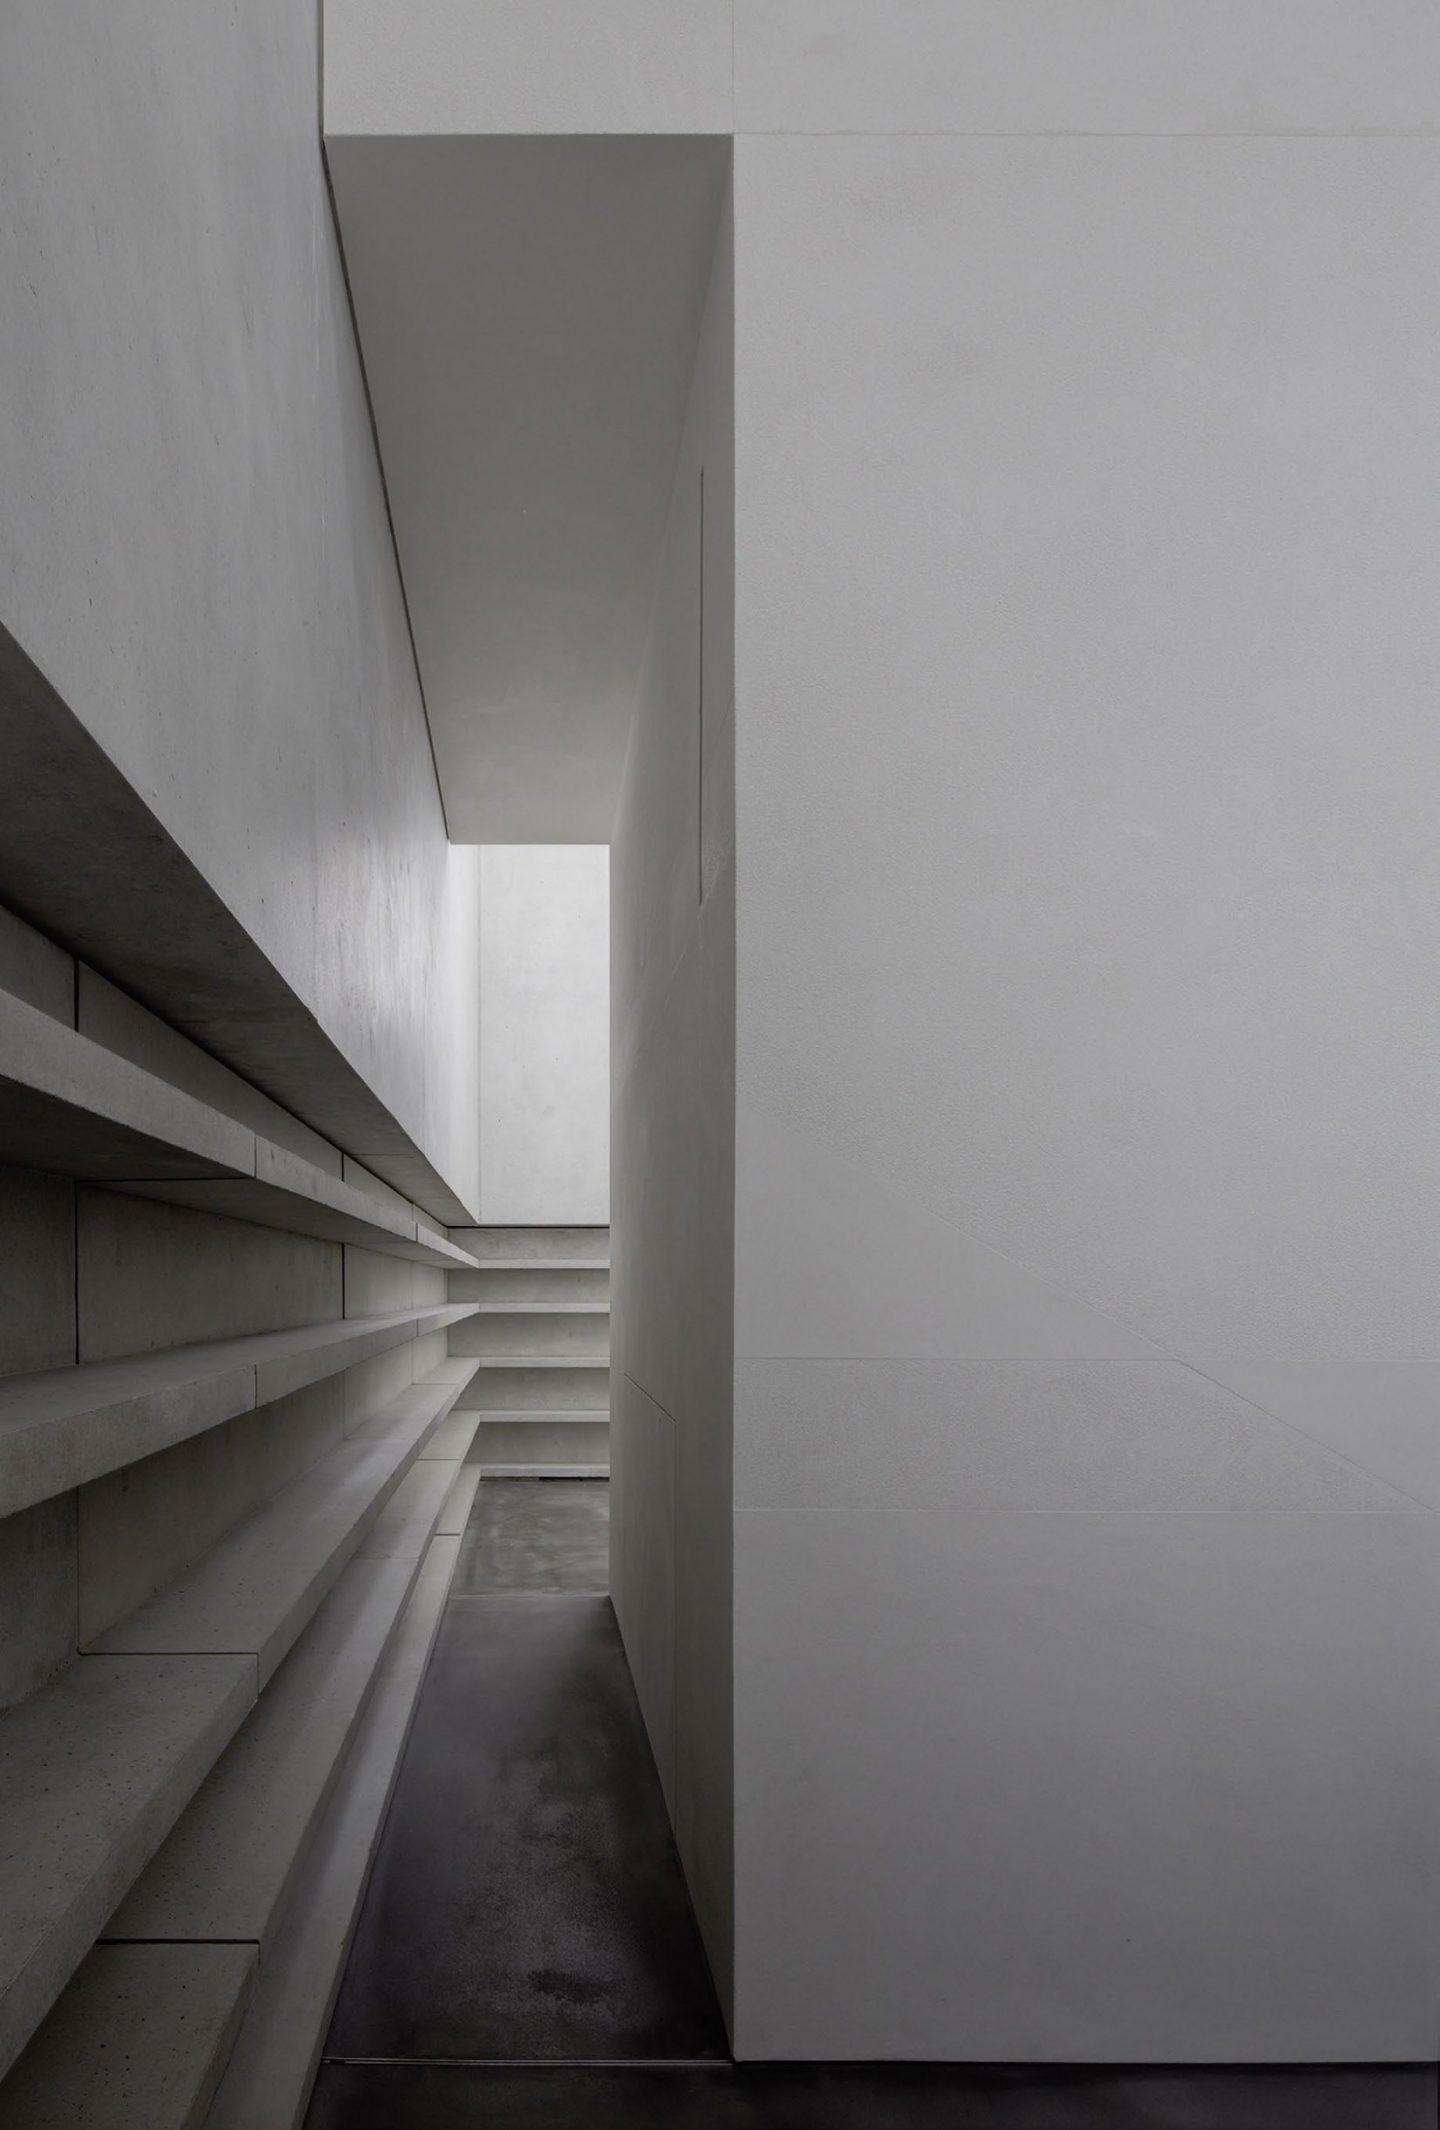 IGNANT-Architecture-Bruno-Fioretti-Marquez-Bauhaus-Meisterhauser-10